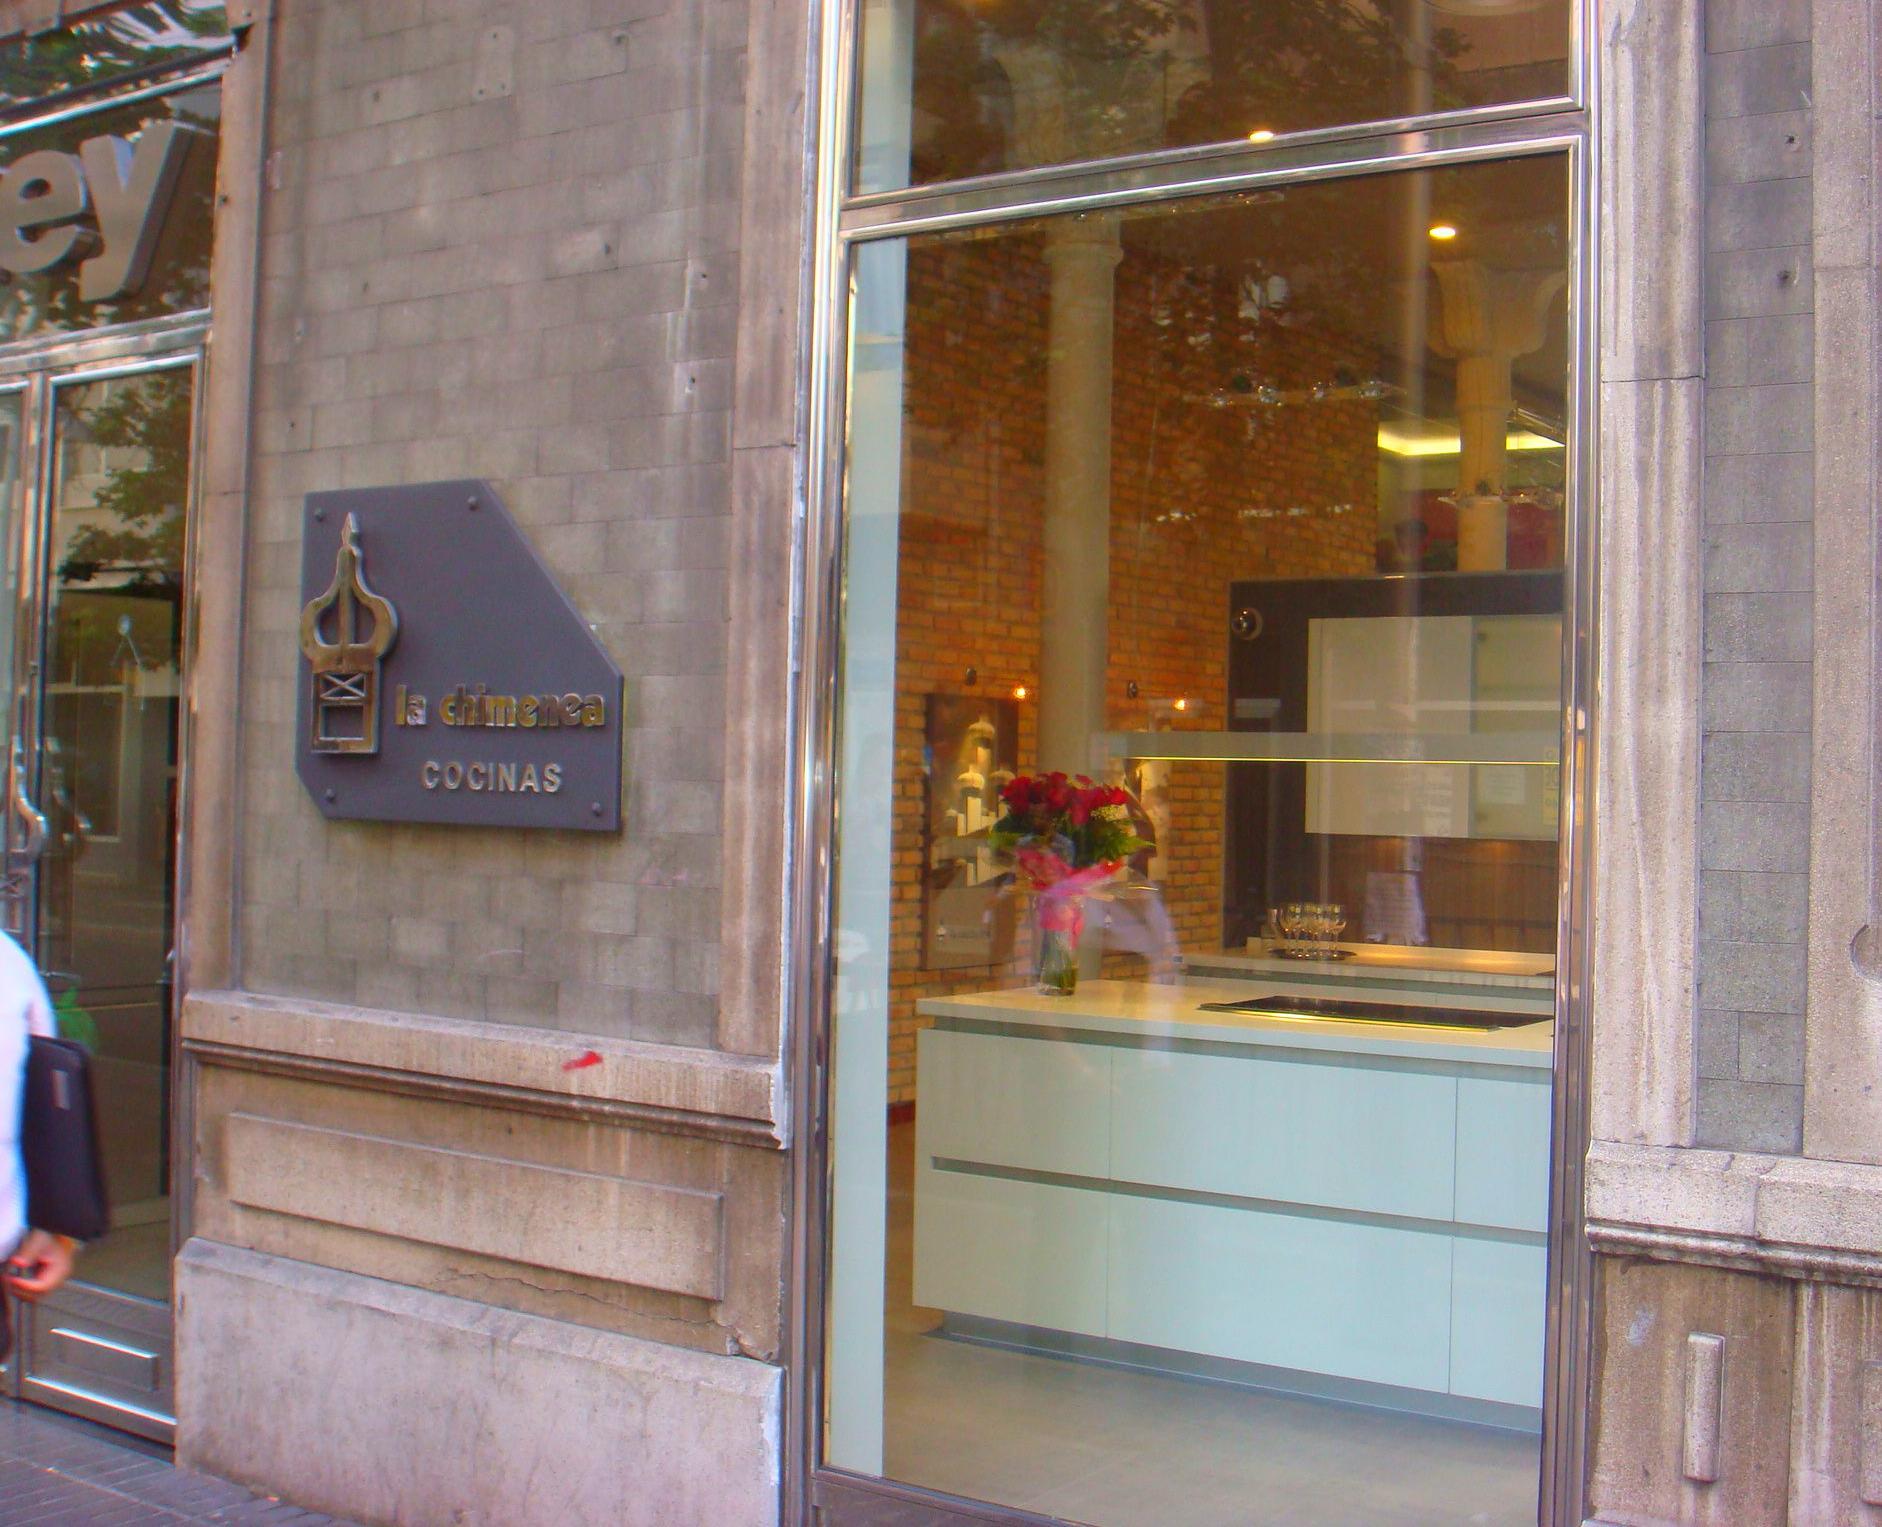 La chimenea cat logo de la chimenea - Muebles la chimenea catalogo ...